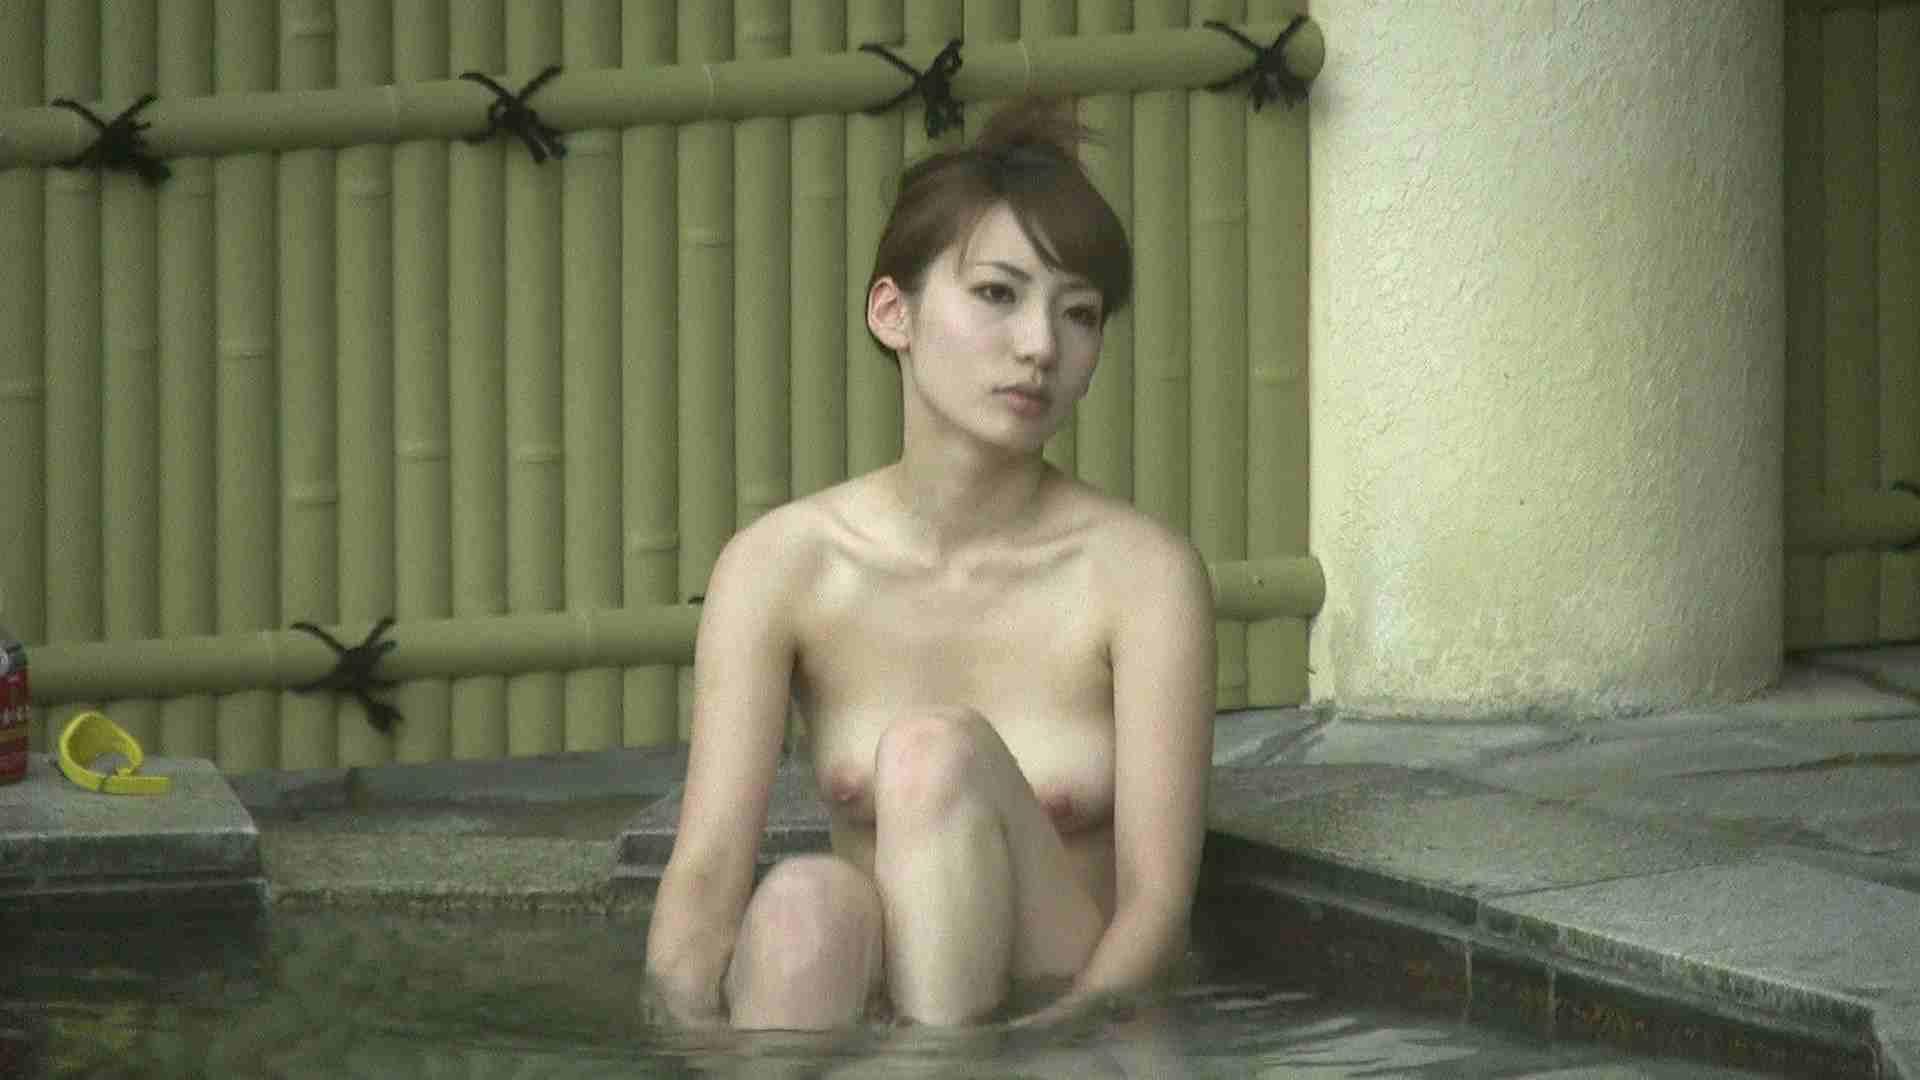 Aquaな露天風呂Vol.208 露天風呂 | 盗撮  54連発 28